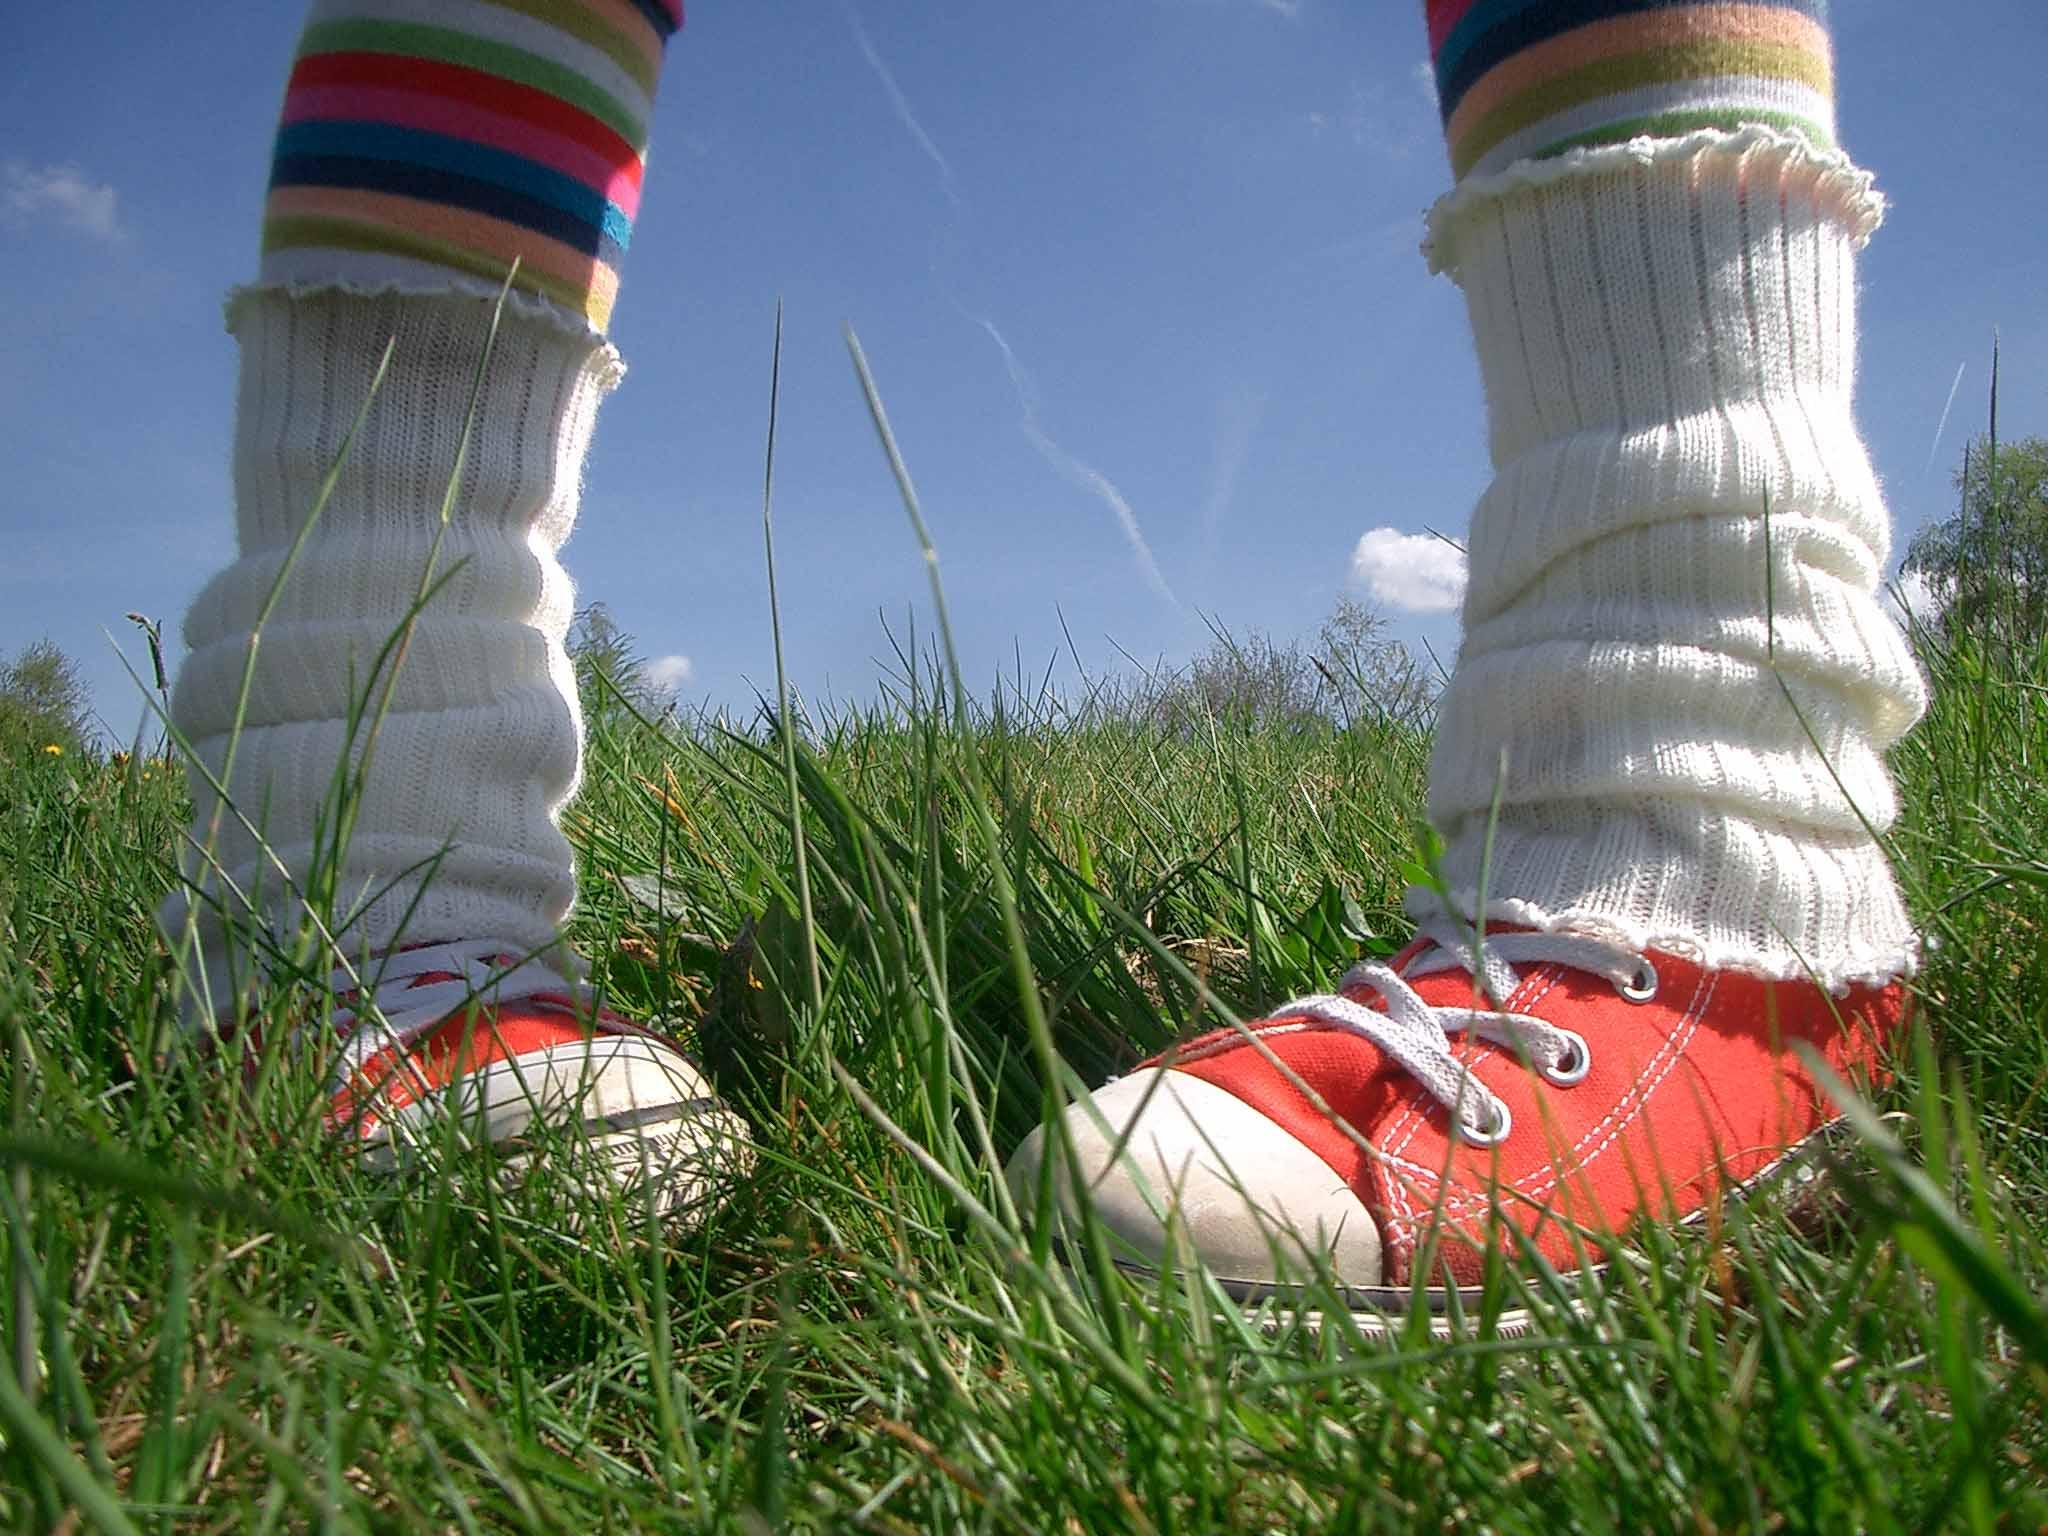 voeten stevig op de grond